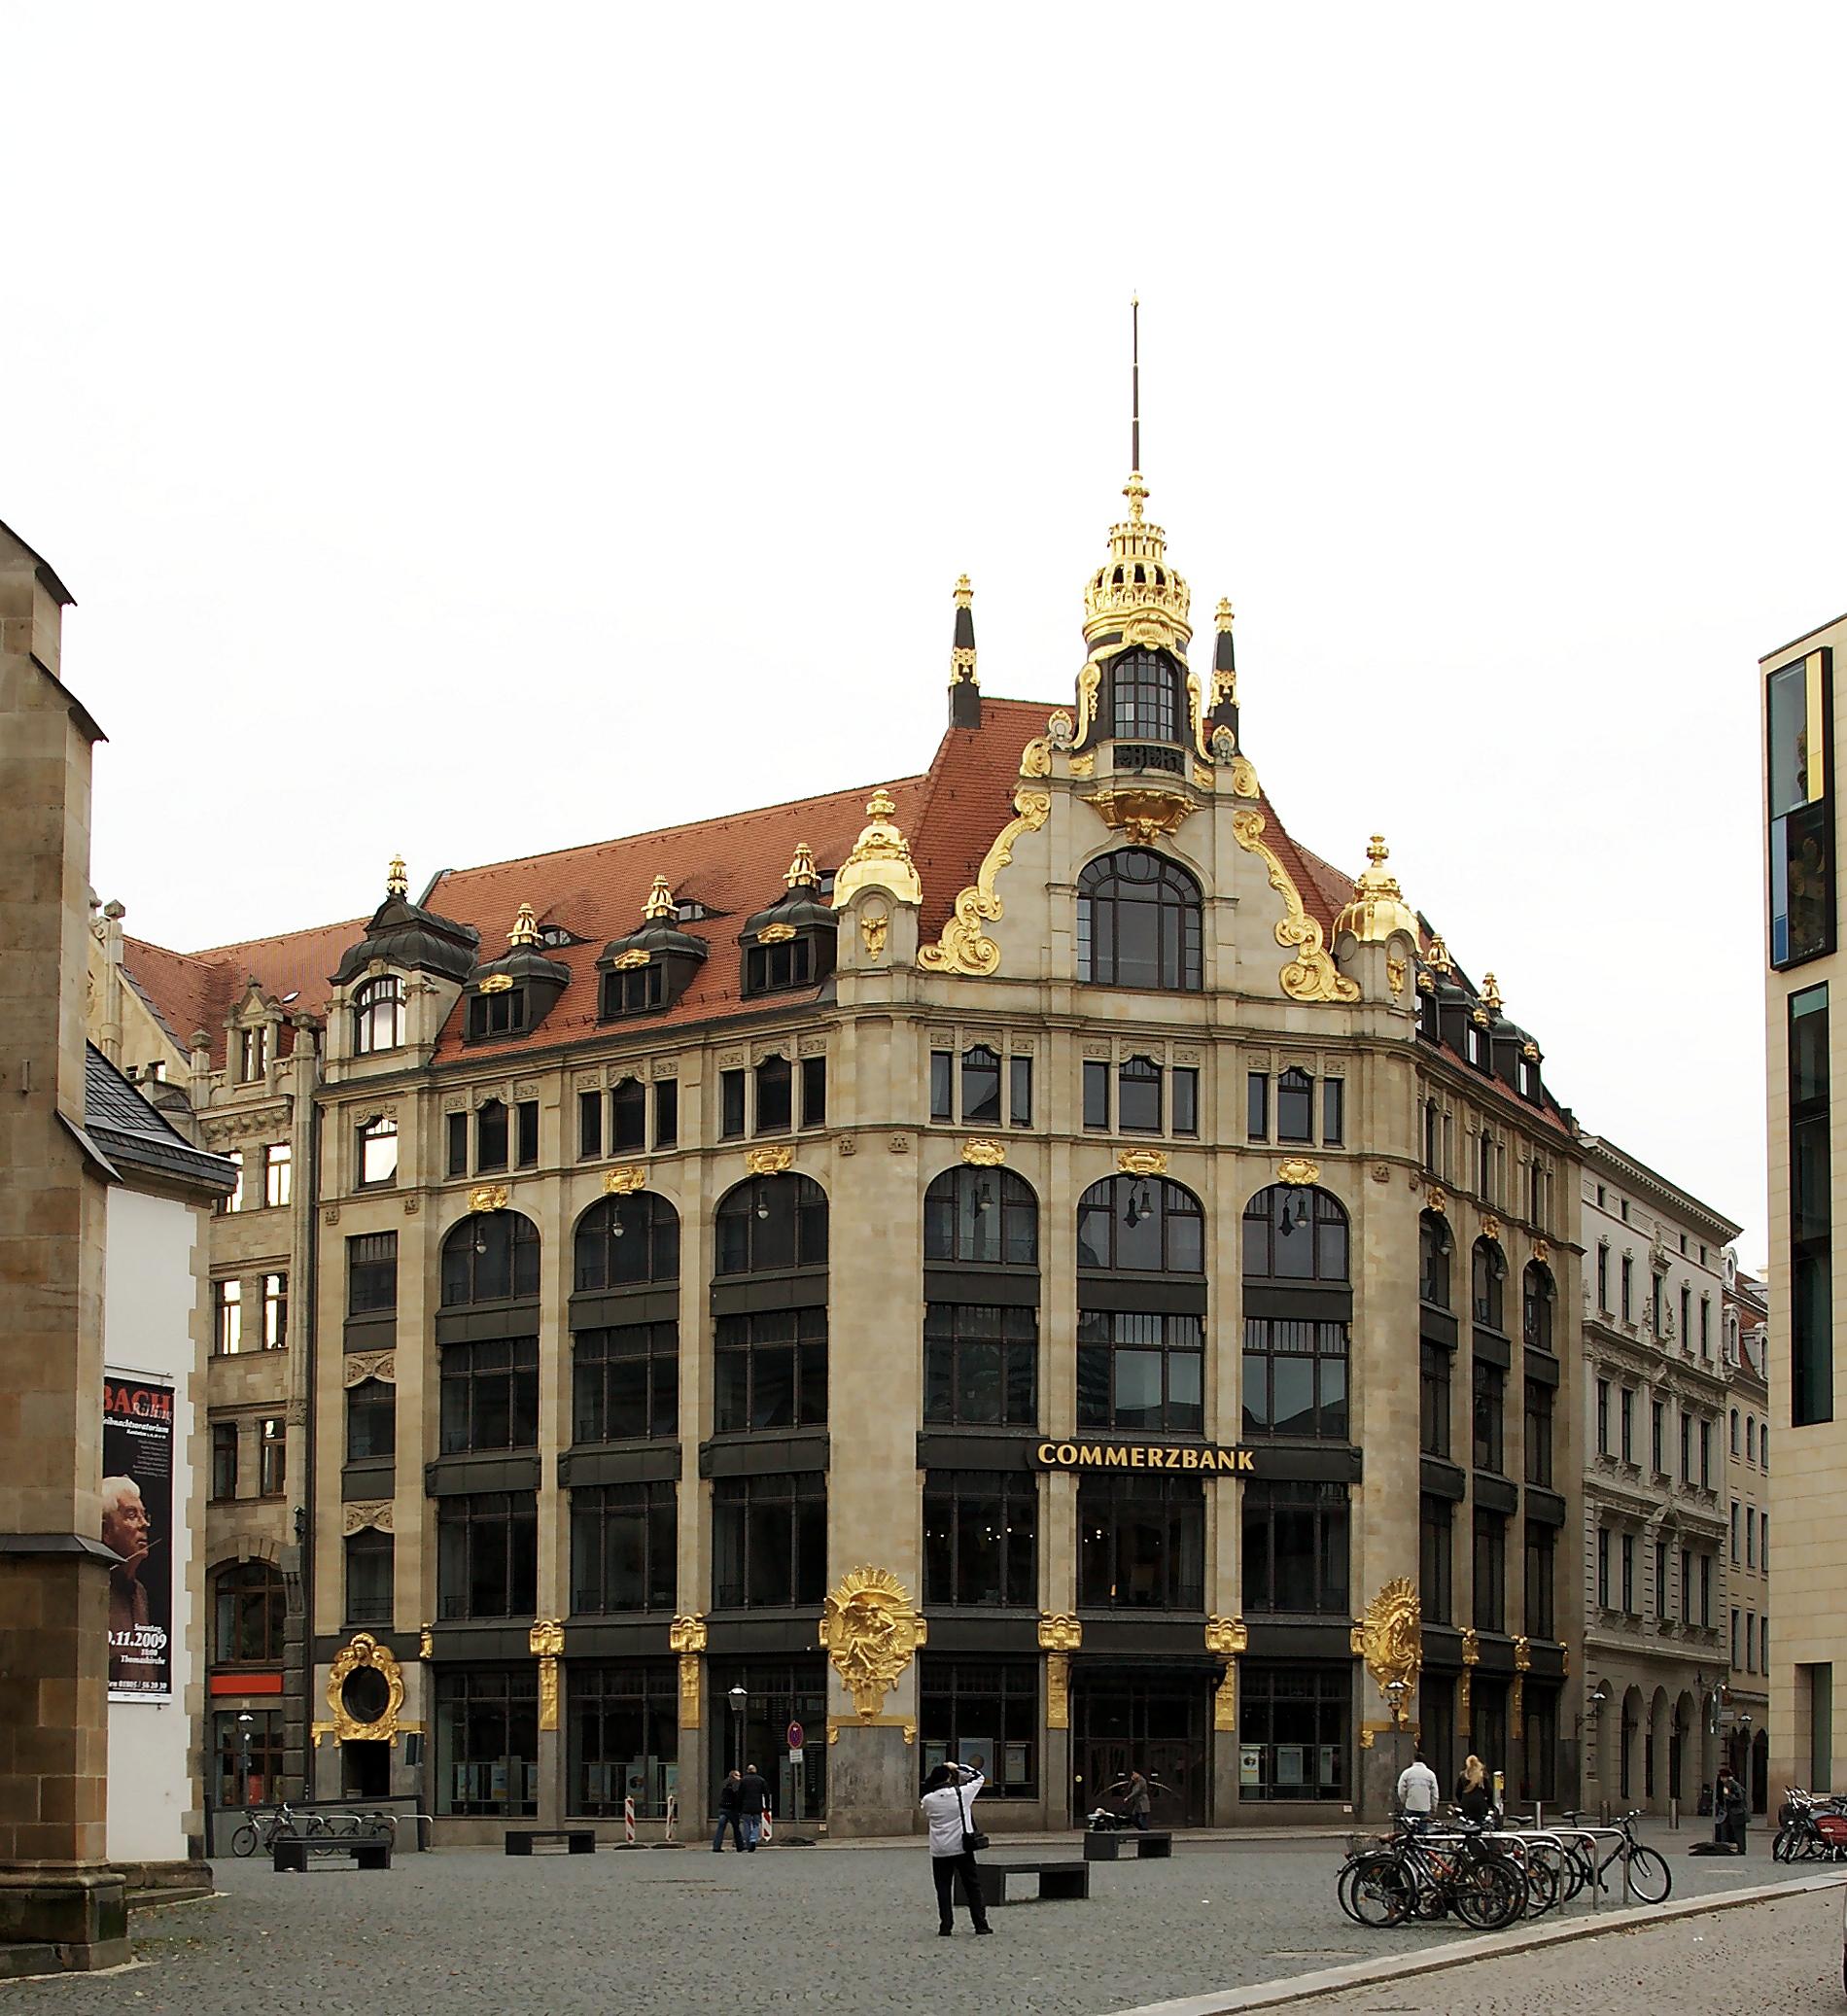 Nutzung des Hauses »Topas« (aktuelles Commerzbank-Gebäude) in Leipzig innerhalb der letzten paar Jahre (erstmal gelöst)